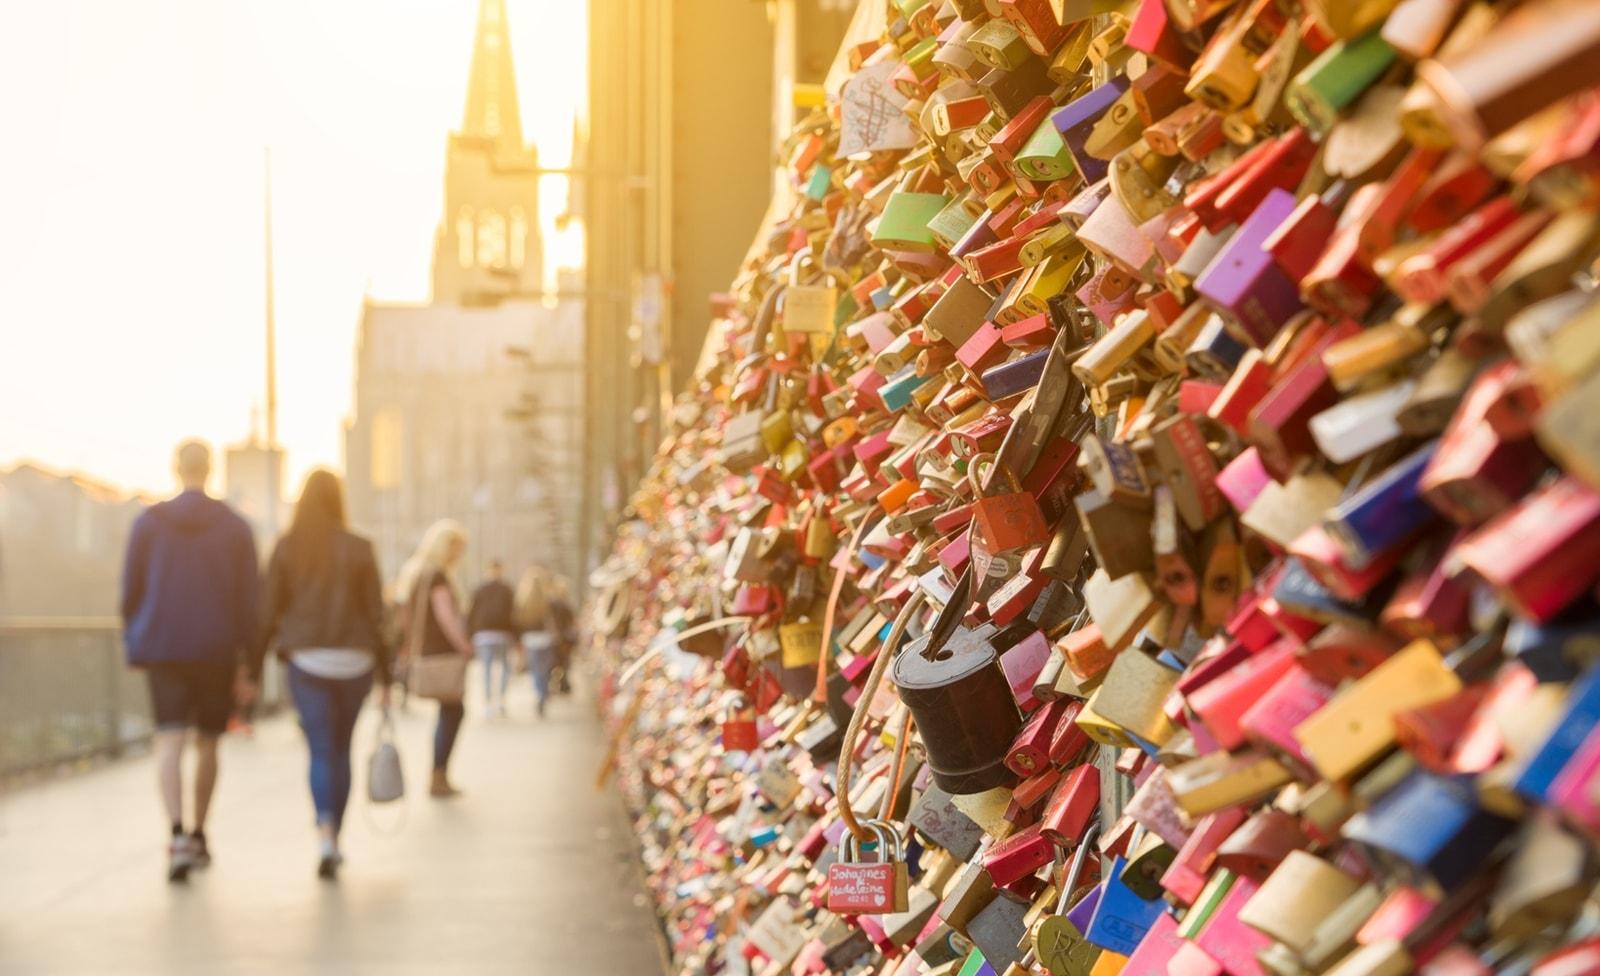 Brücke mit Liebesschlössern in Köln